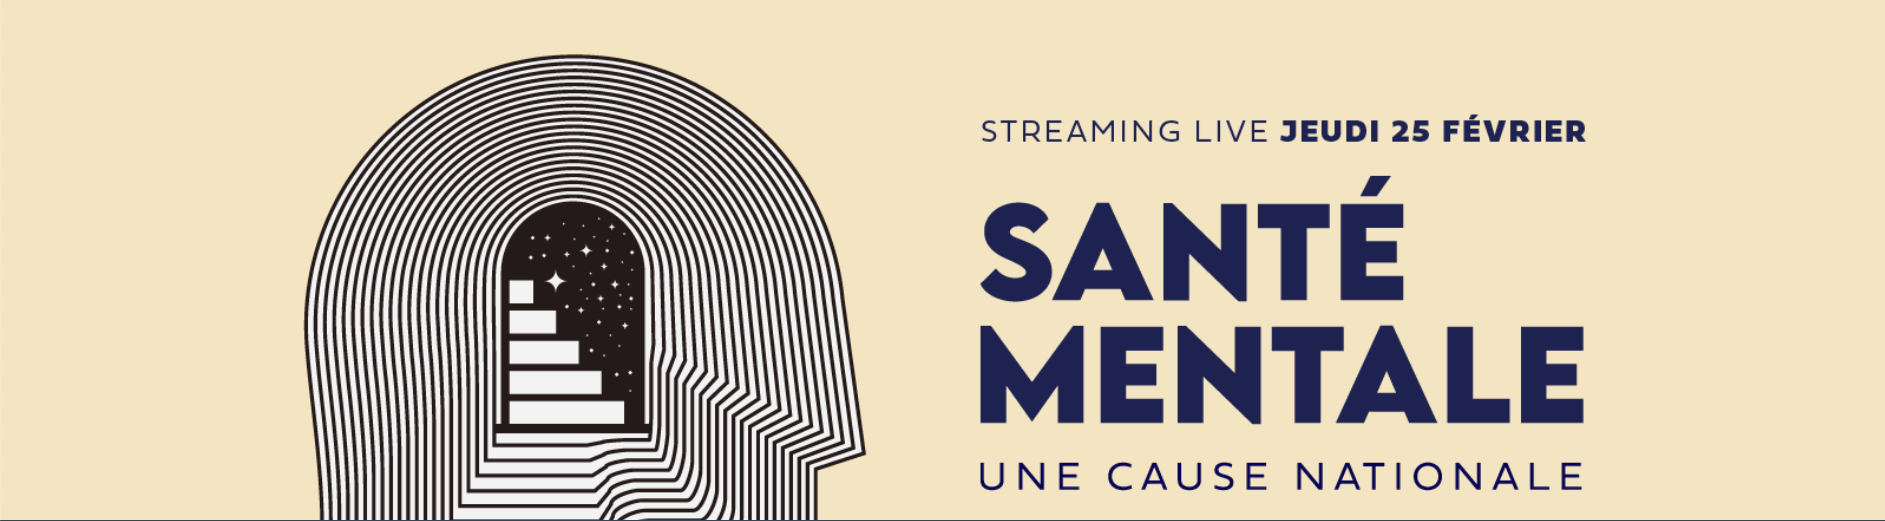 Streaming live: santé mentale, une cause nationale